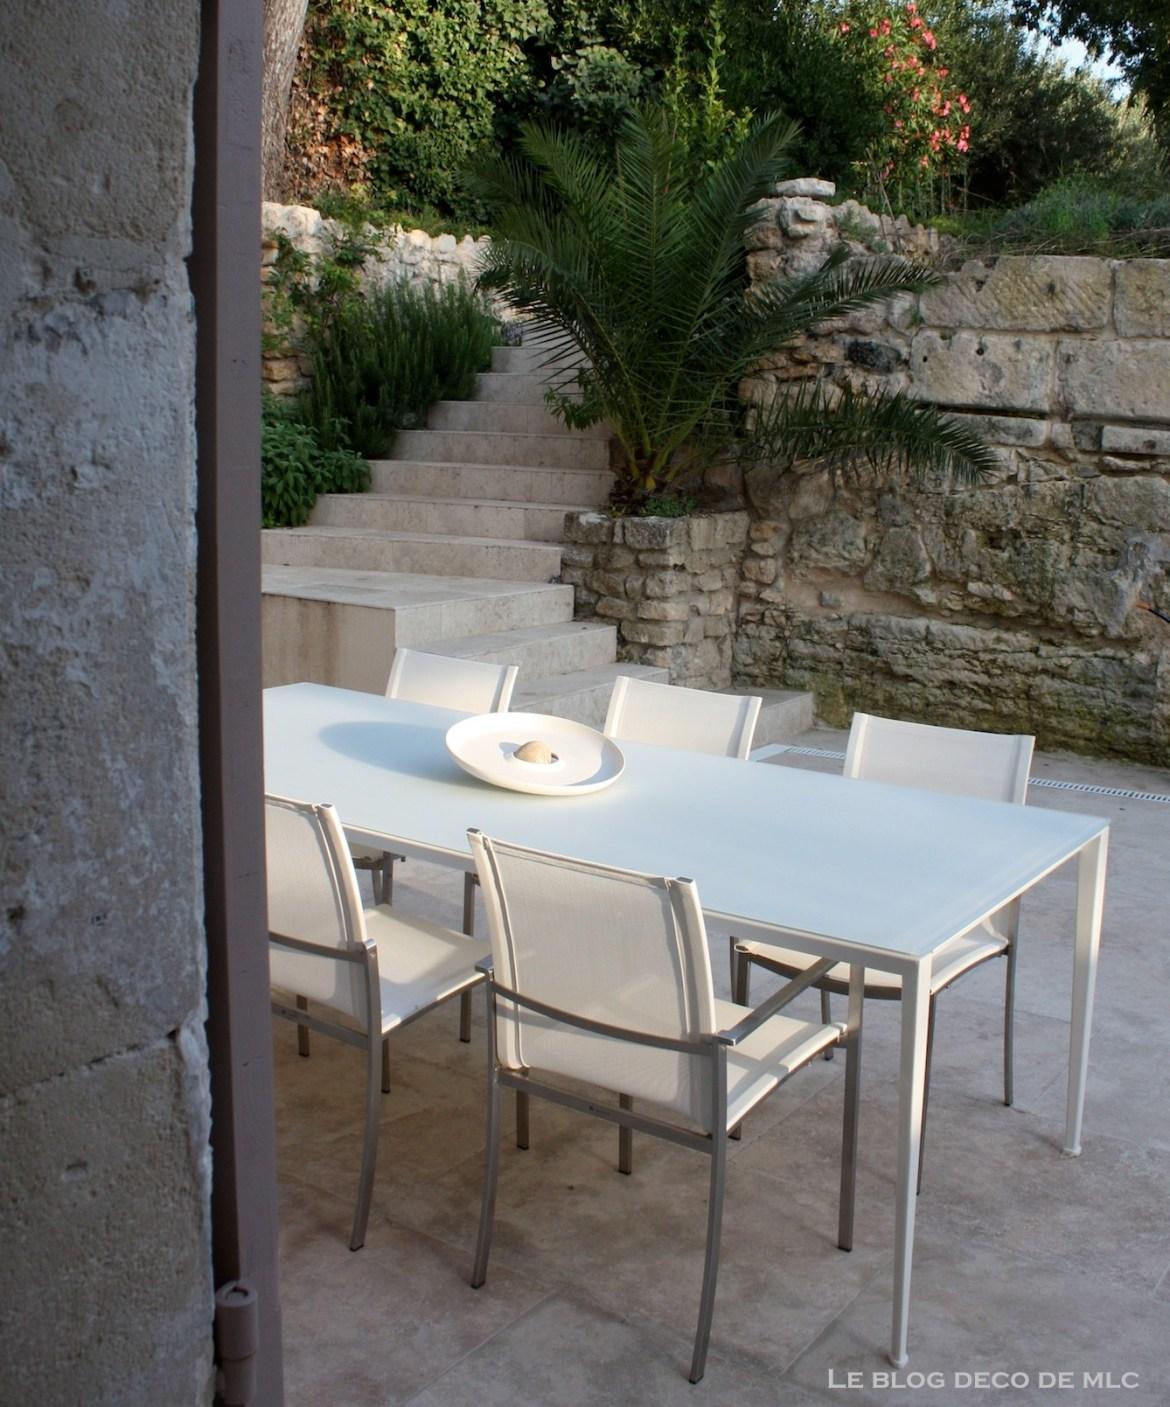 mobilier-exterieur-design-MLC